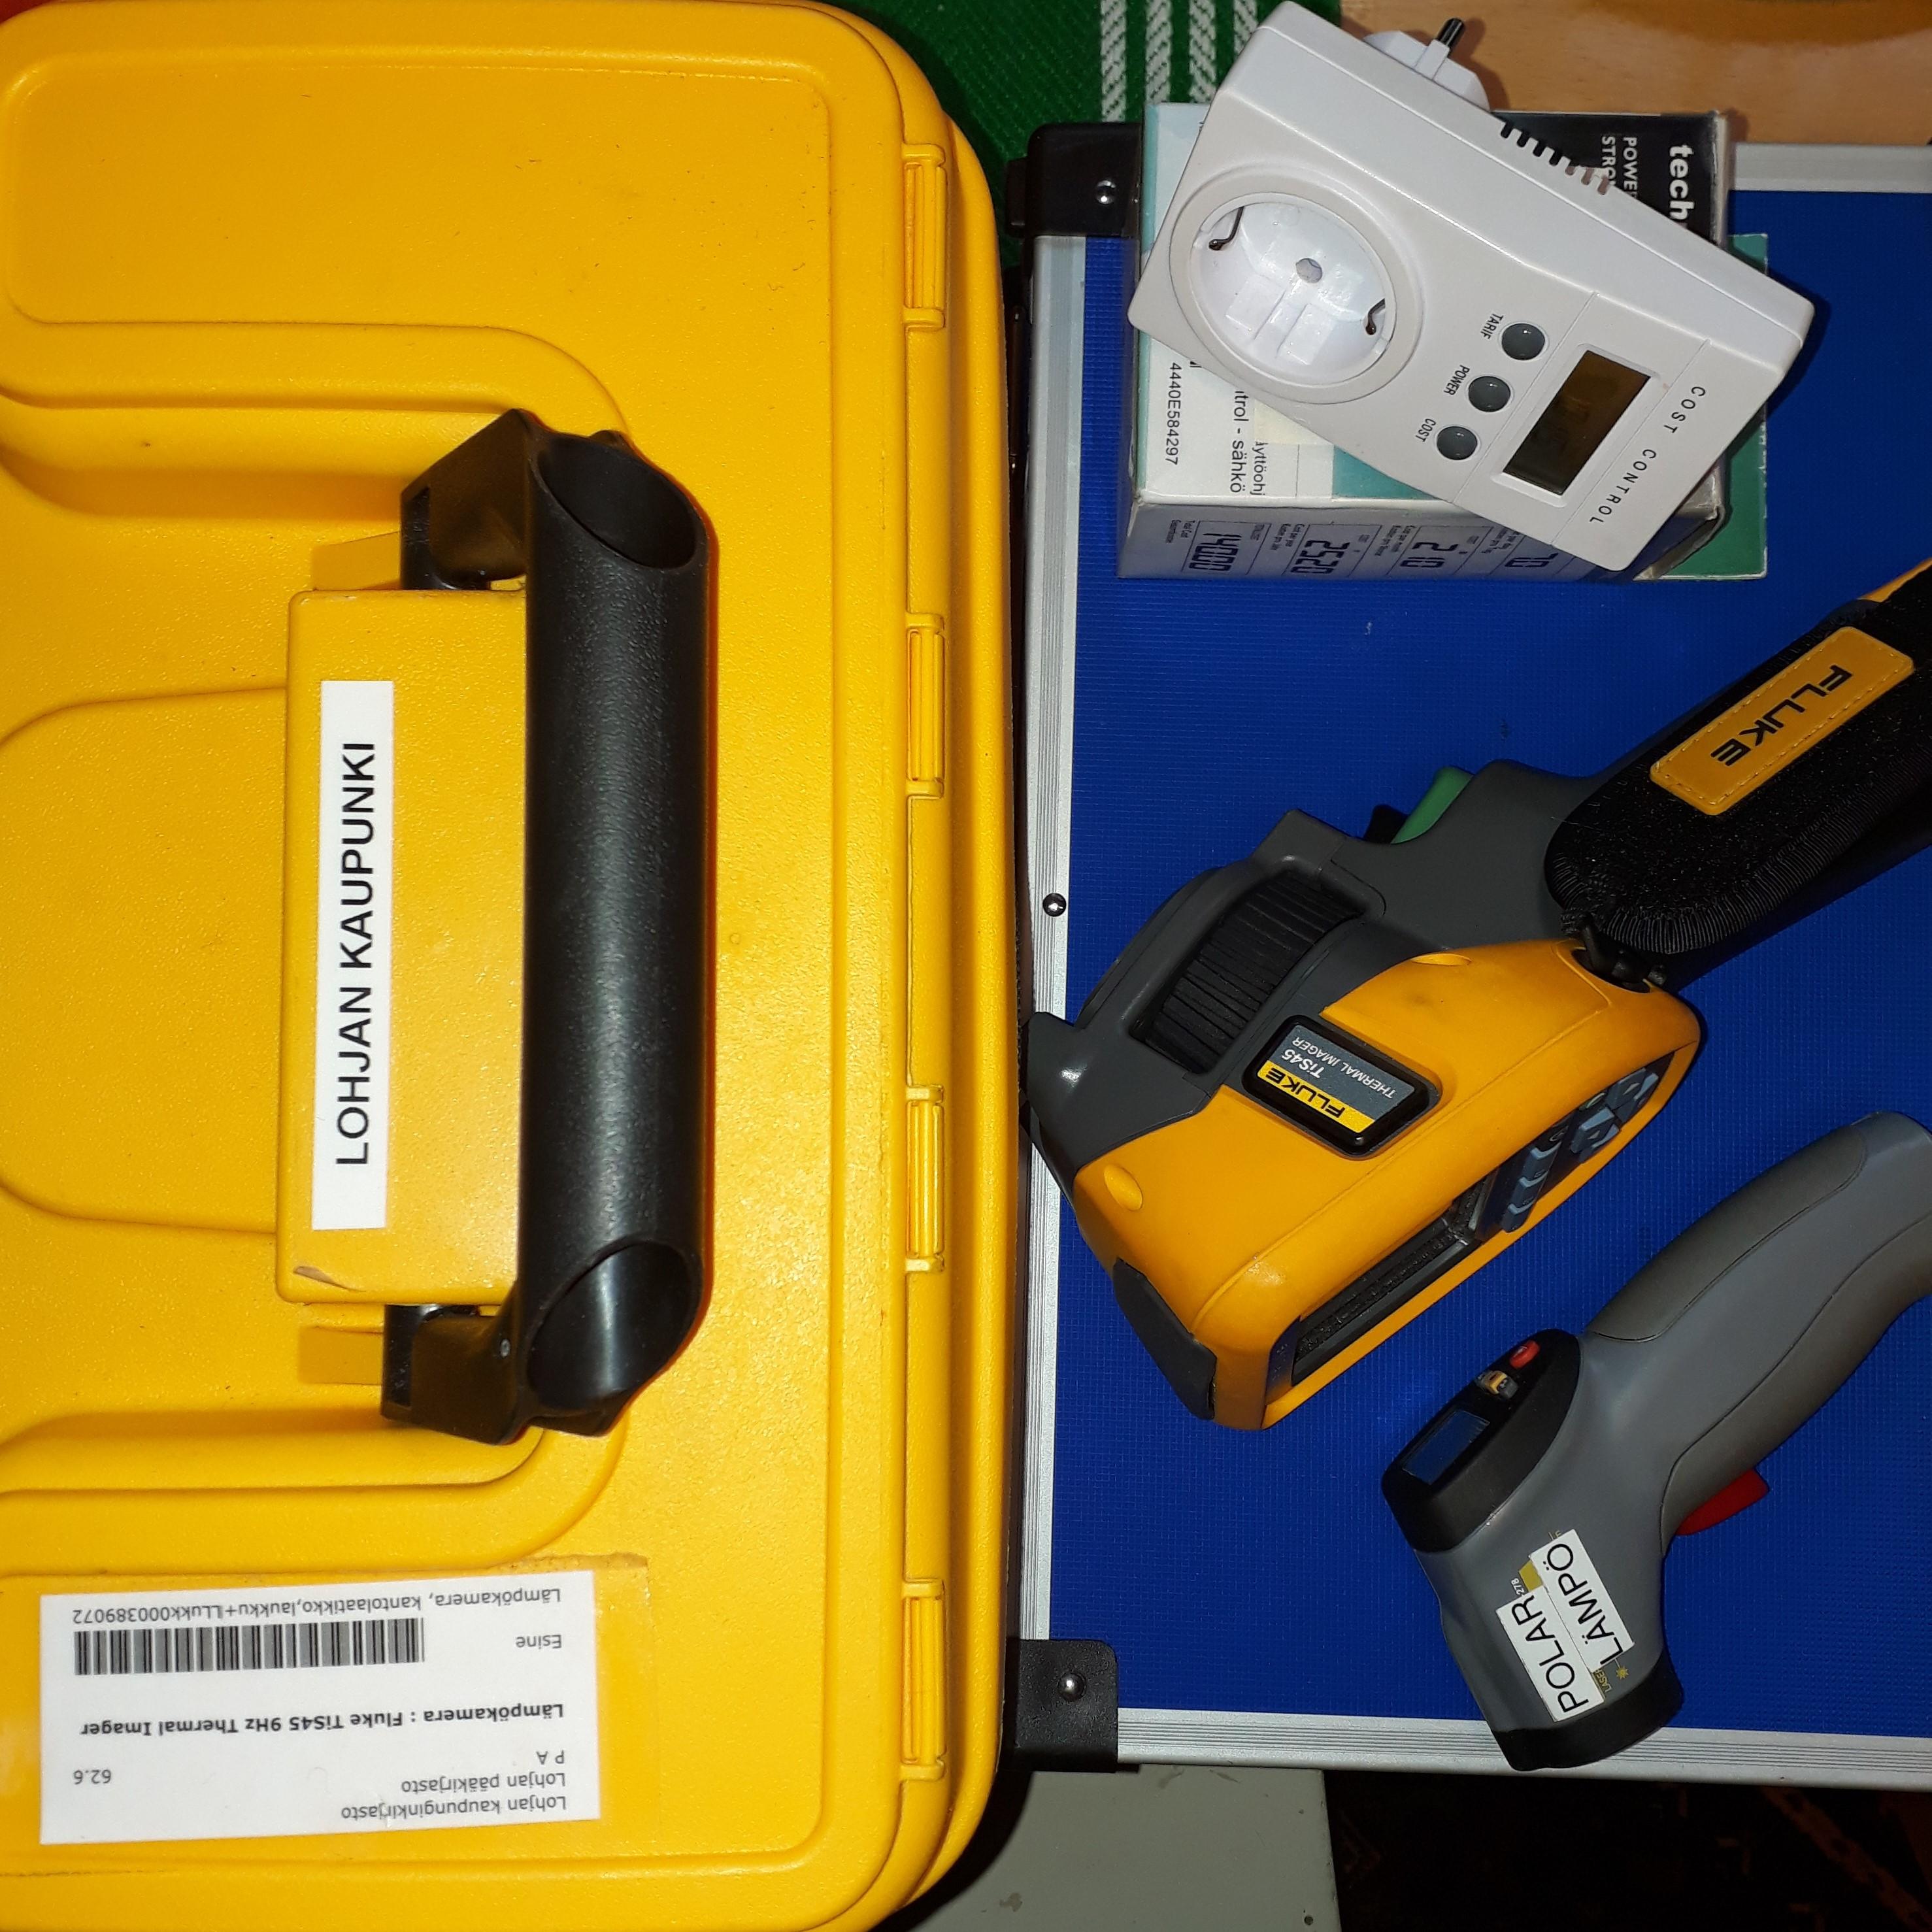 Kuvassa on kirjastoista lainattavat lämpökamera, infrapunamittari ja sähkönkulutusmittari pakkauksineen.